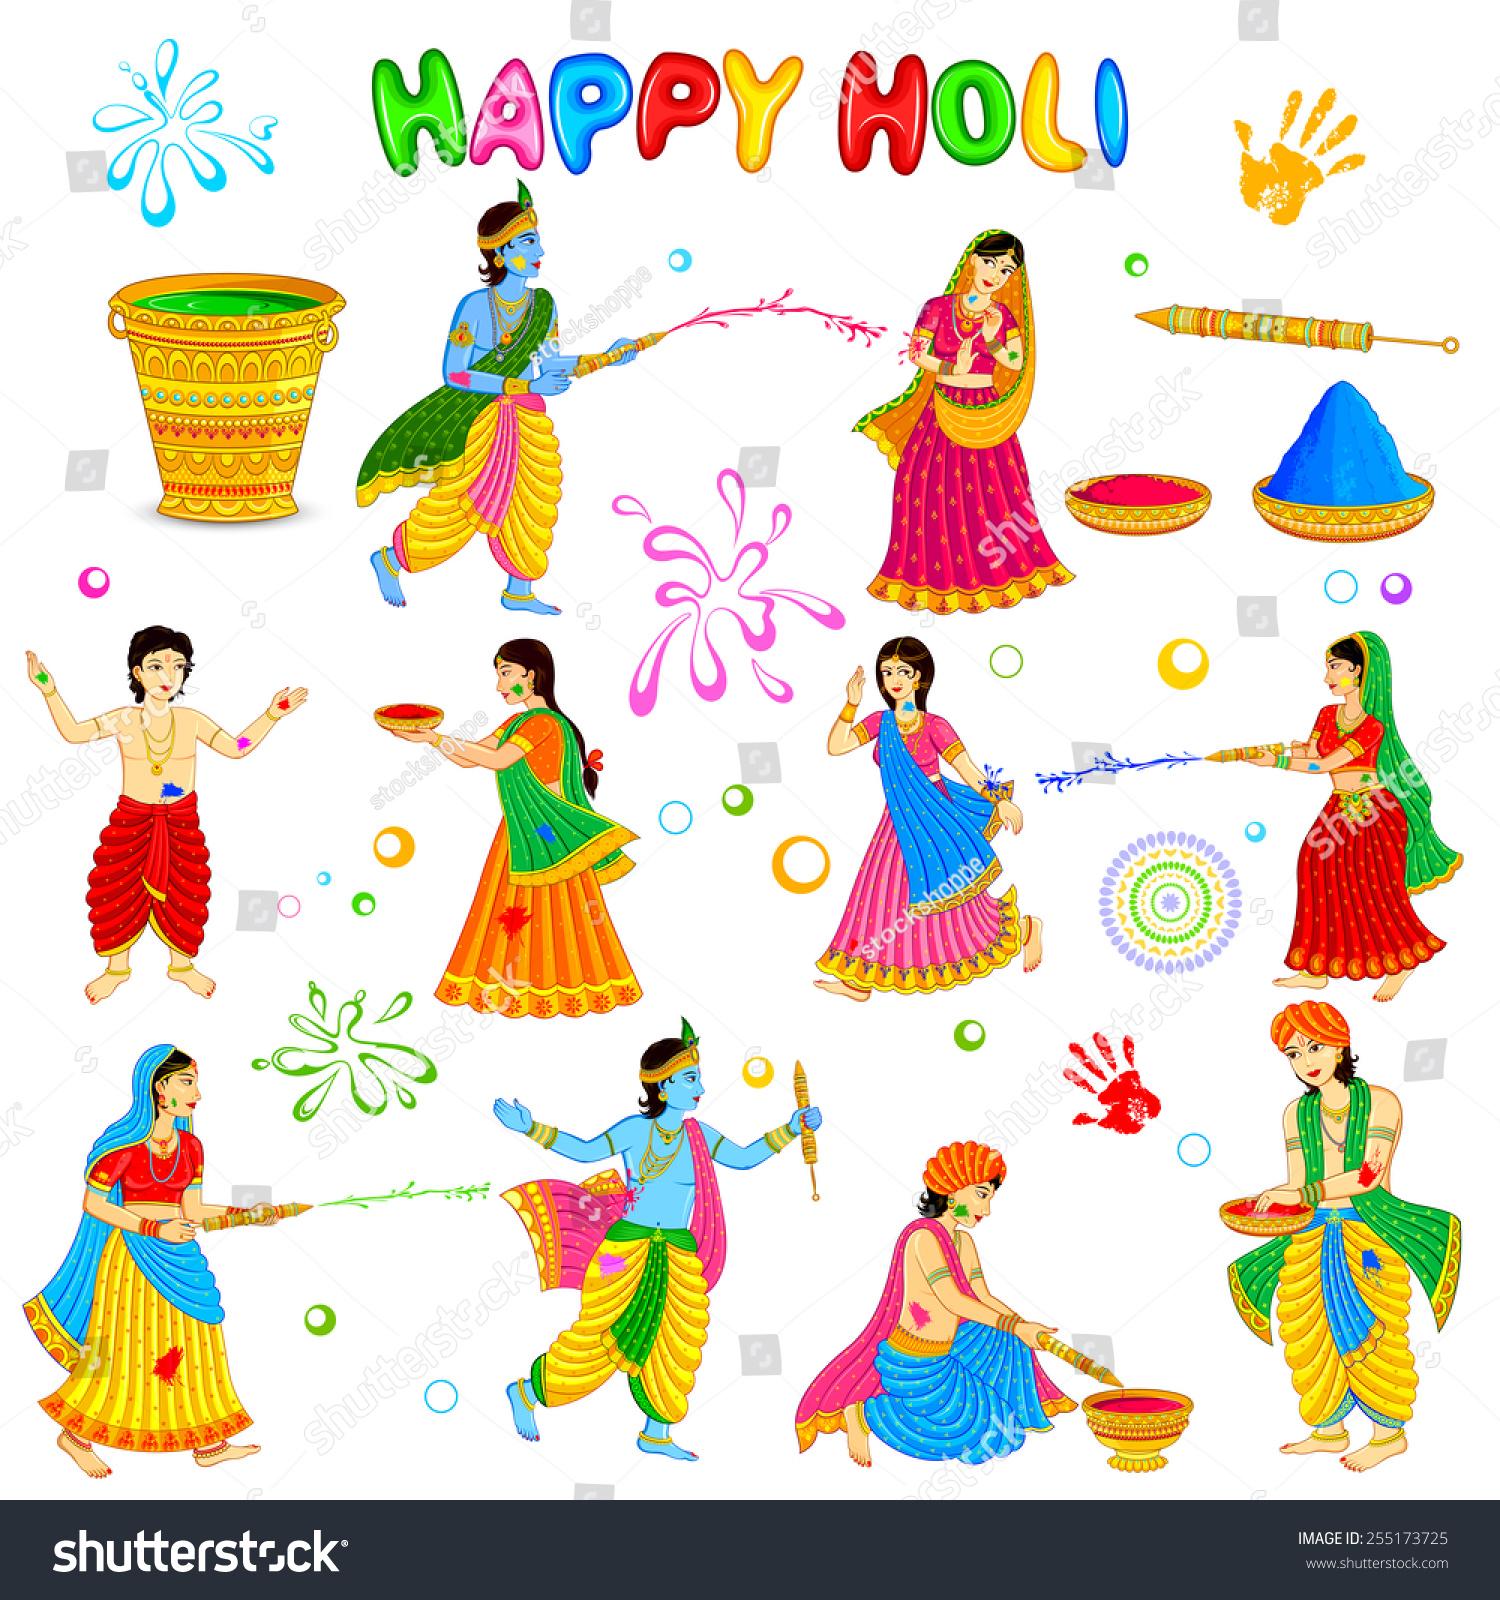 Happy holi radha krishna images - Vector Illustration Of Radha Krishna Playing Holi